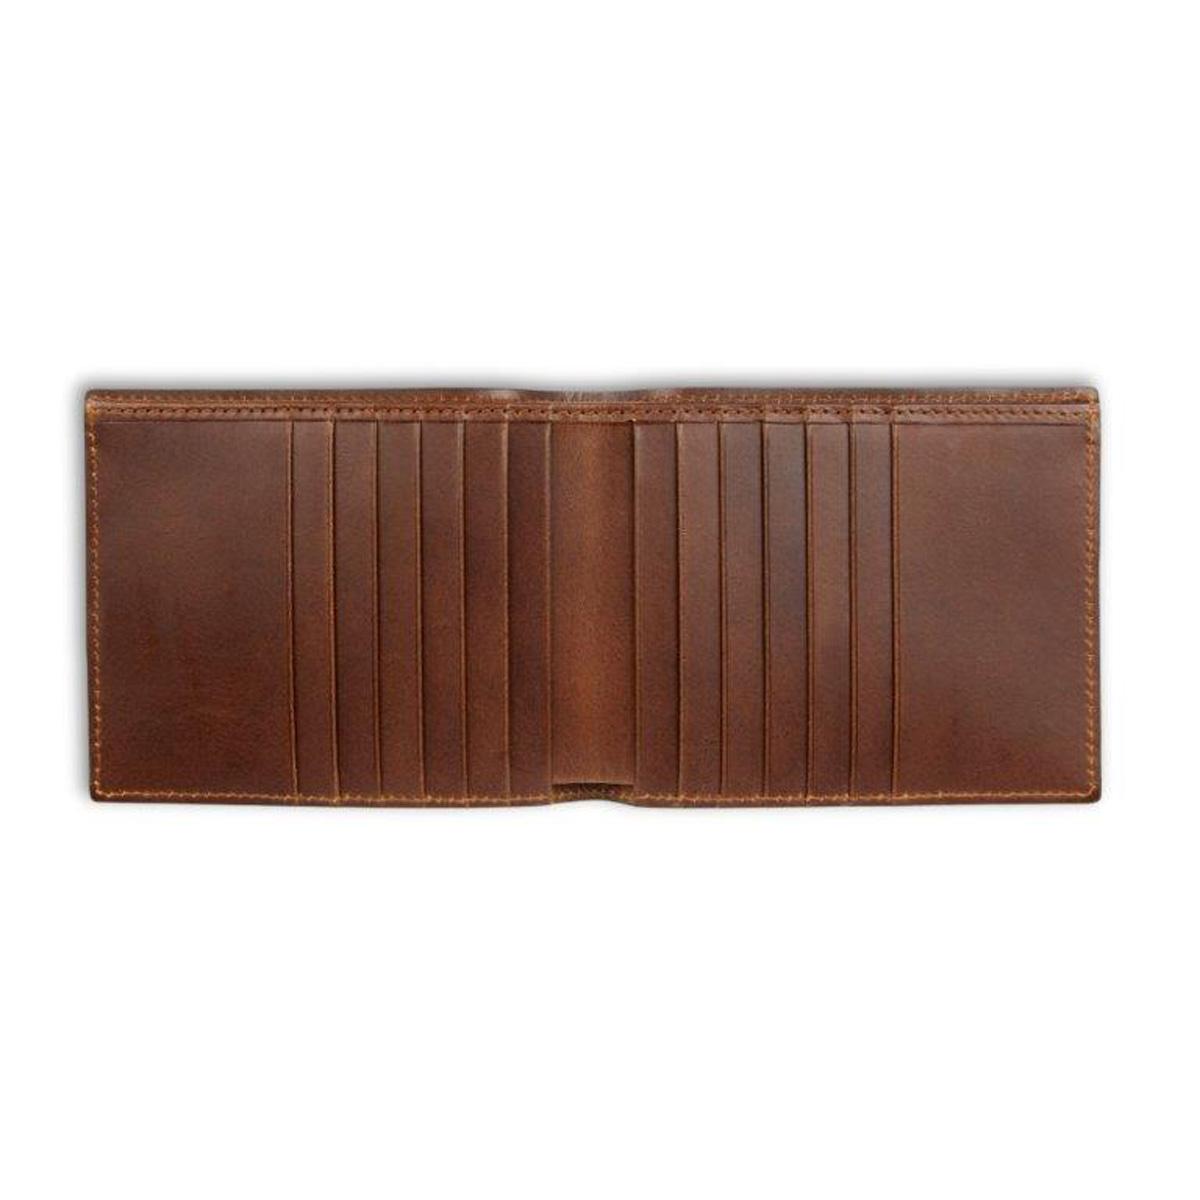 Mens Bi Fold Wallet Swiss Ltd